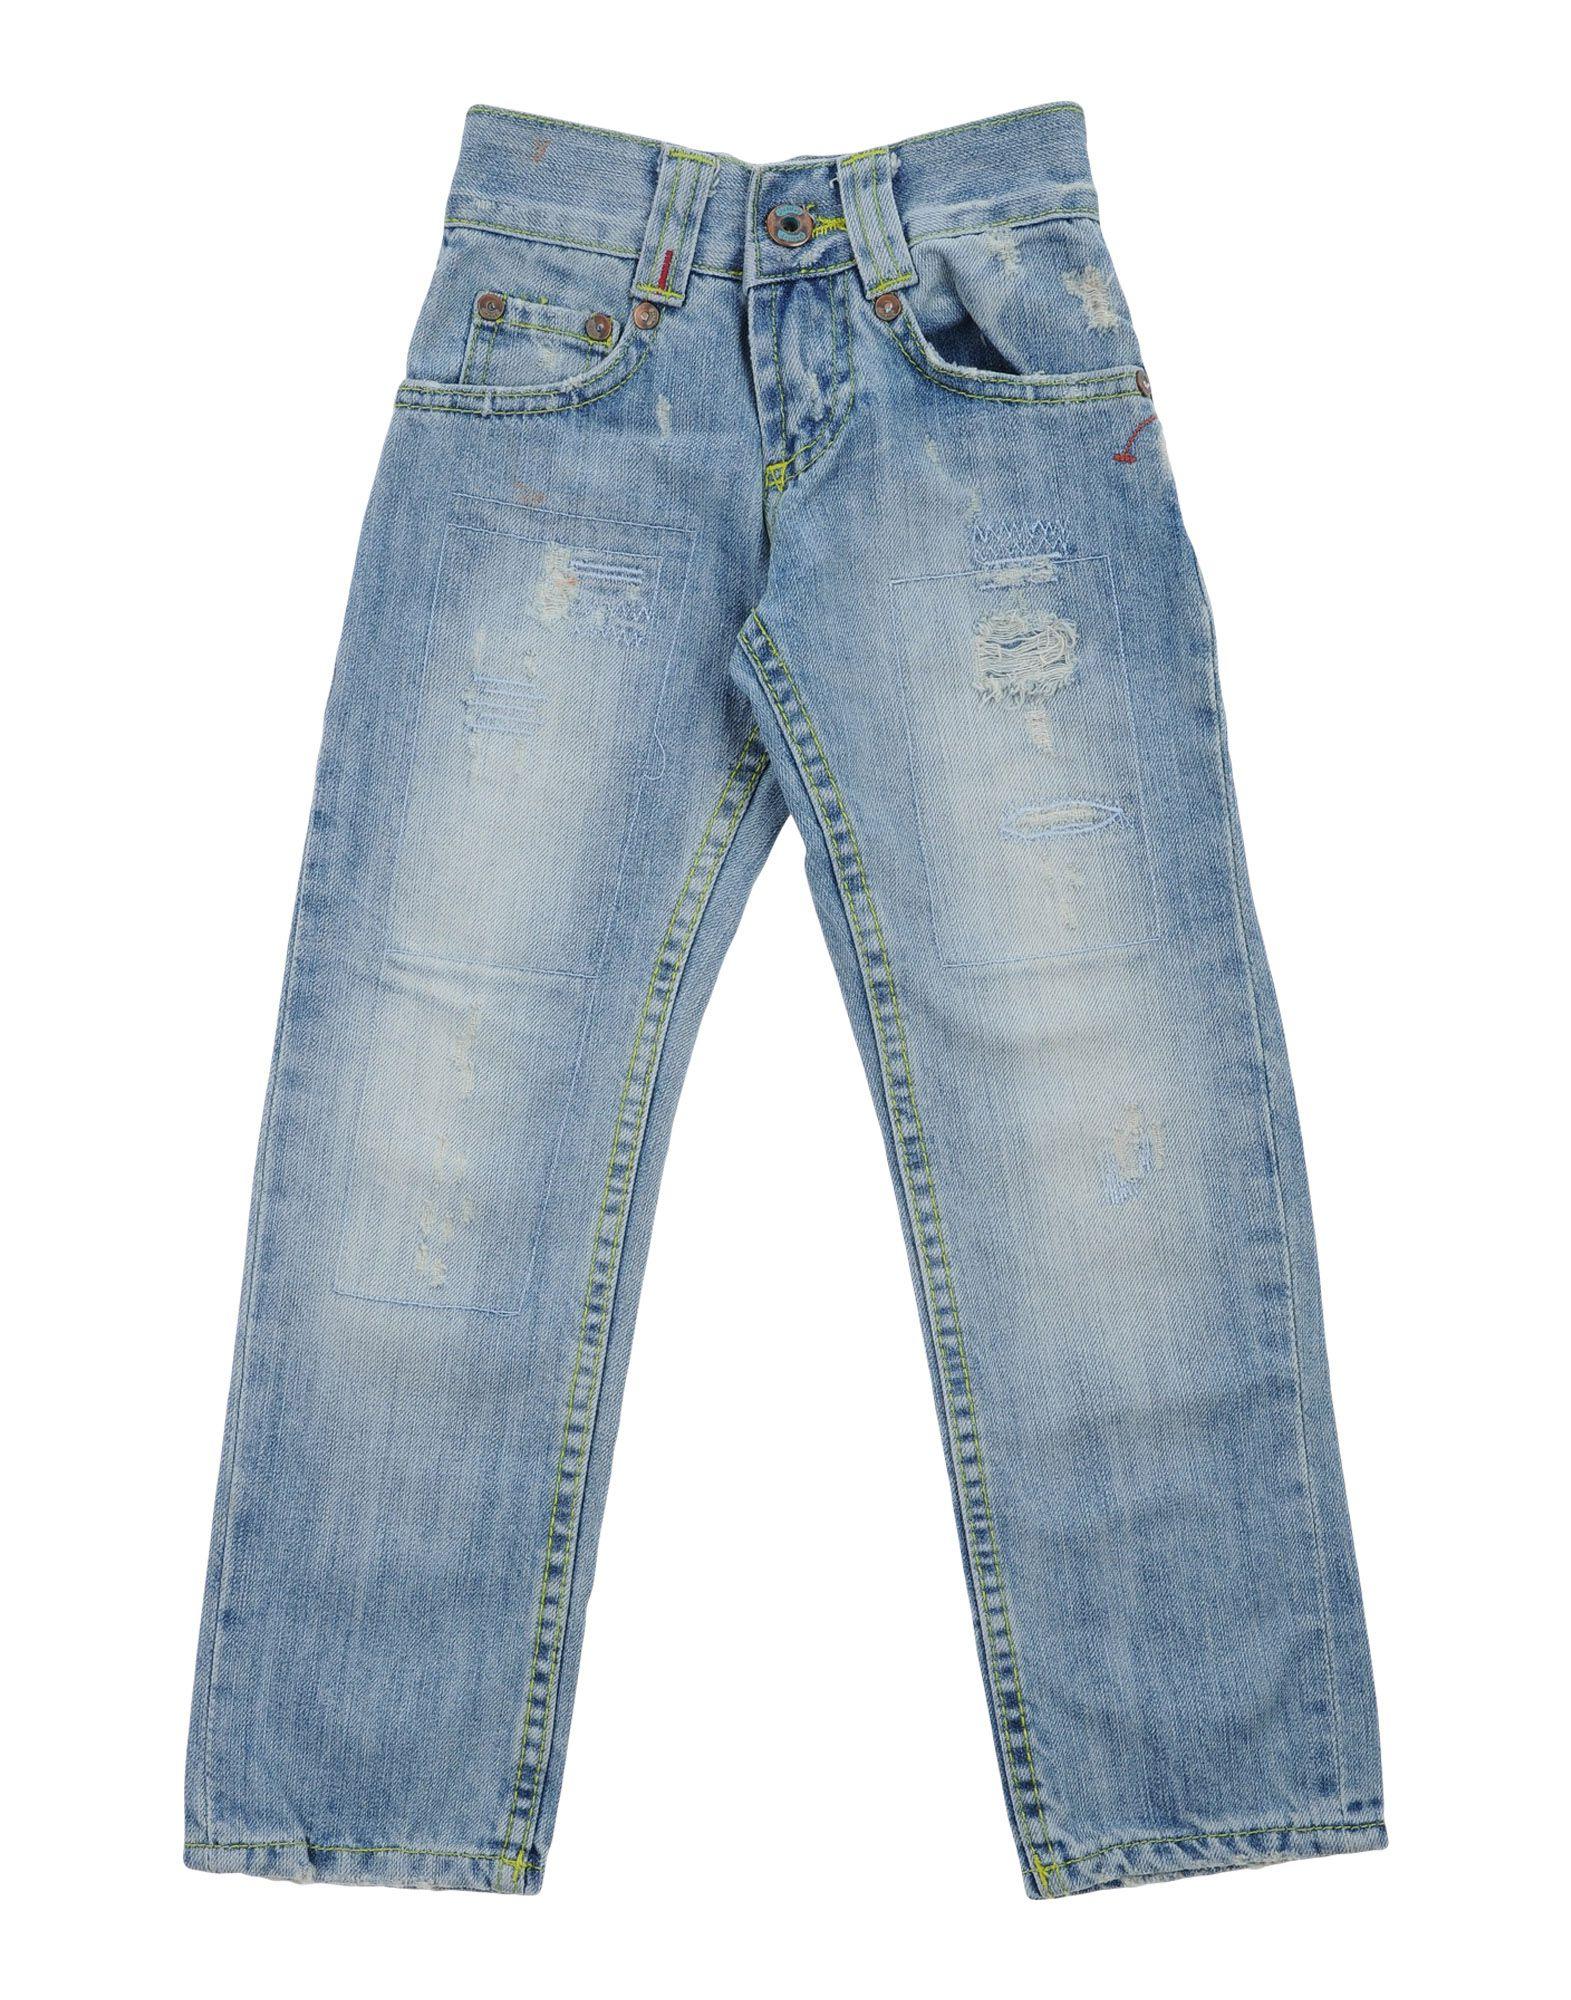 DONDUP STANDART Джинсовые брюки автокресло siger мякиш плюс серый 6 12 лет 22 36 кг группа 3